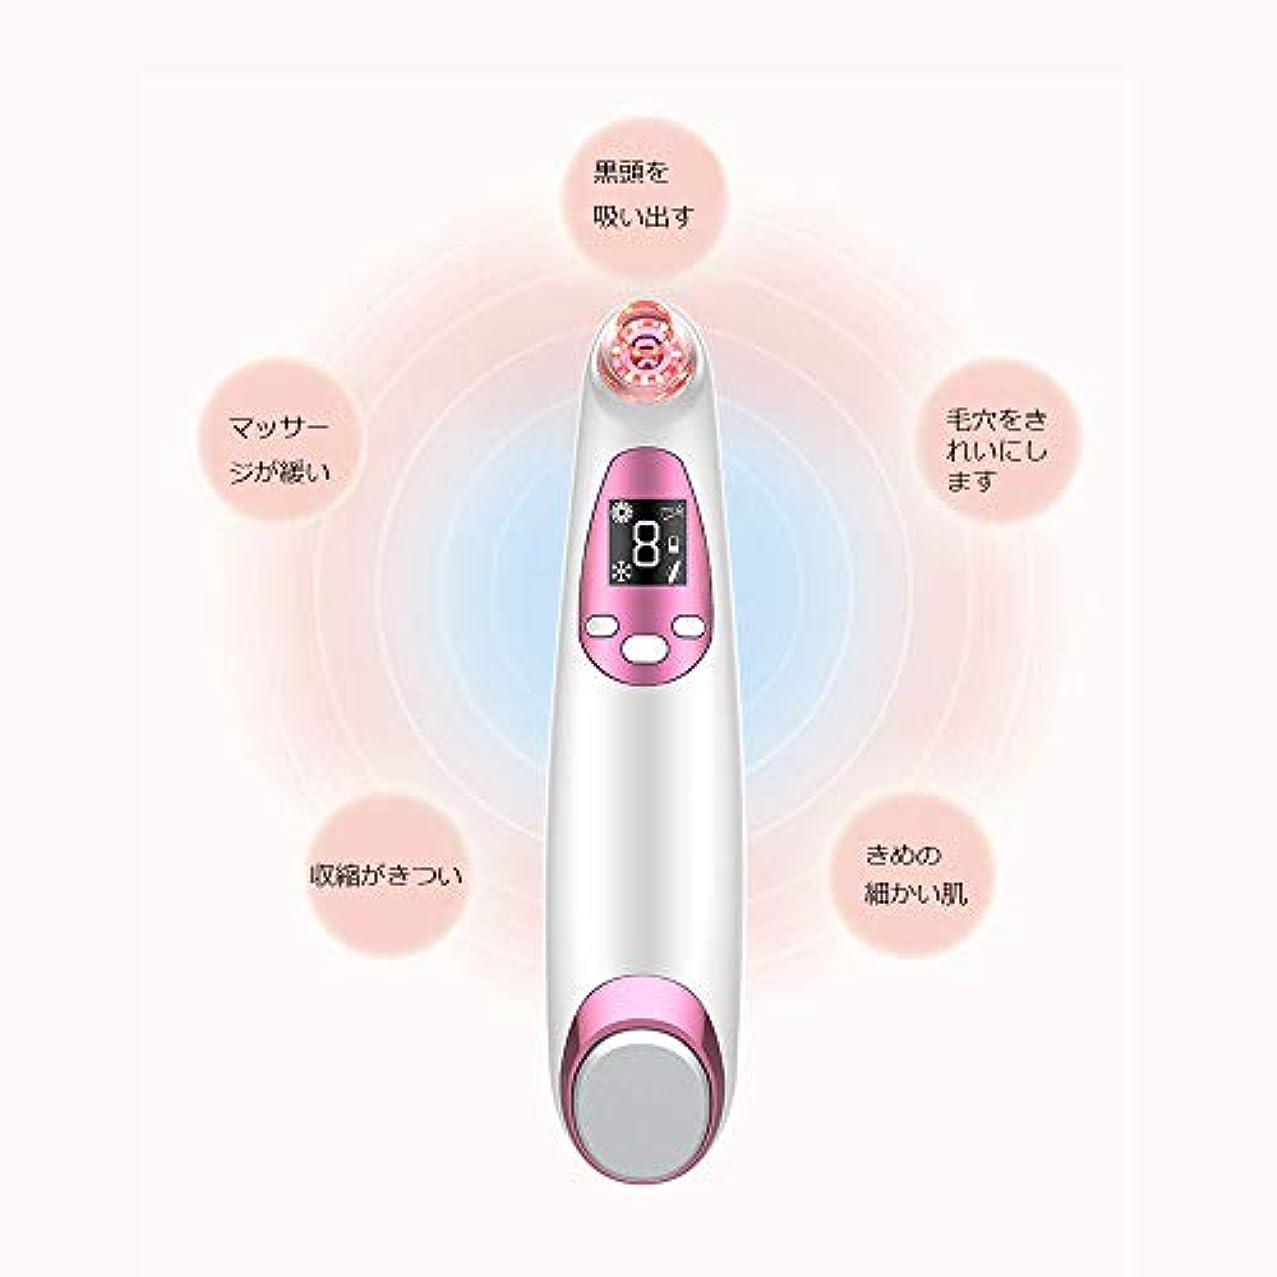 晩ごはん根拠無意味にきびの除去剤の気孔の掃除機、LED表示が付いている顔の気孔の洗剤、熱く/冷たい振動心配のパネル、再充電可能および4つの吸引の頭部